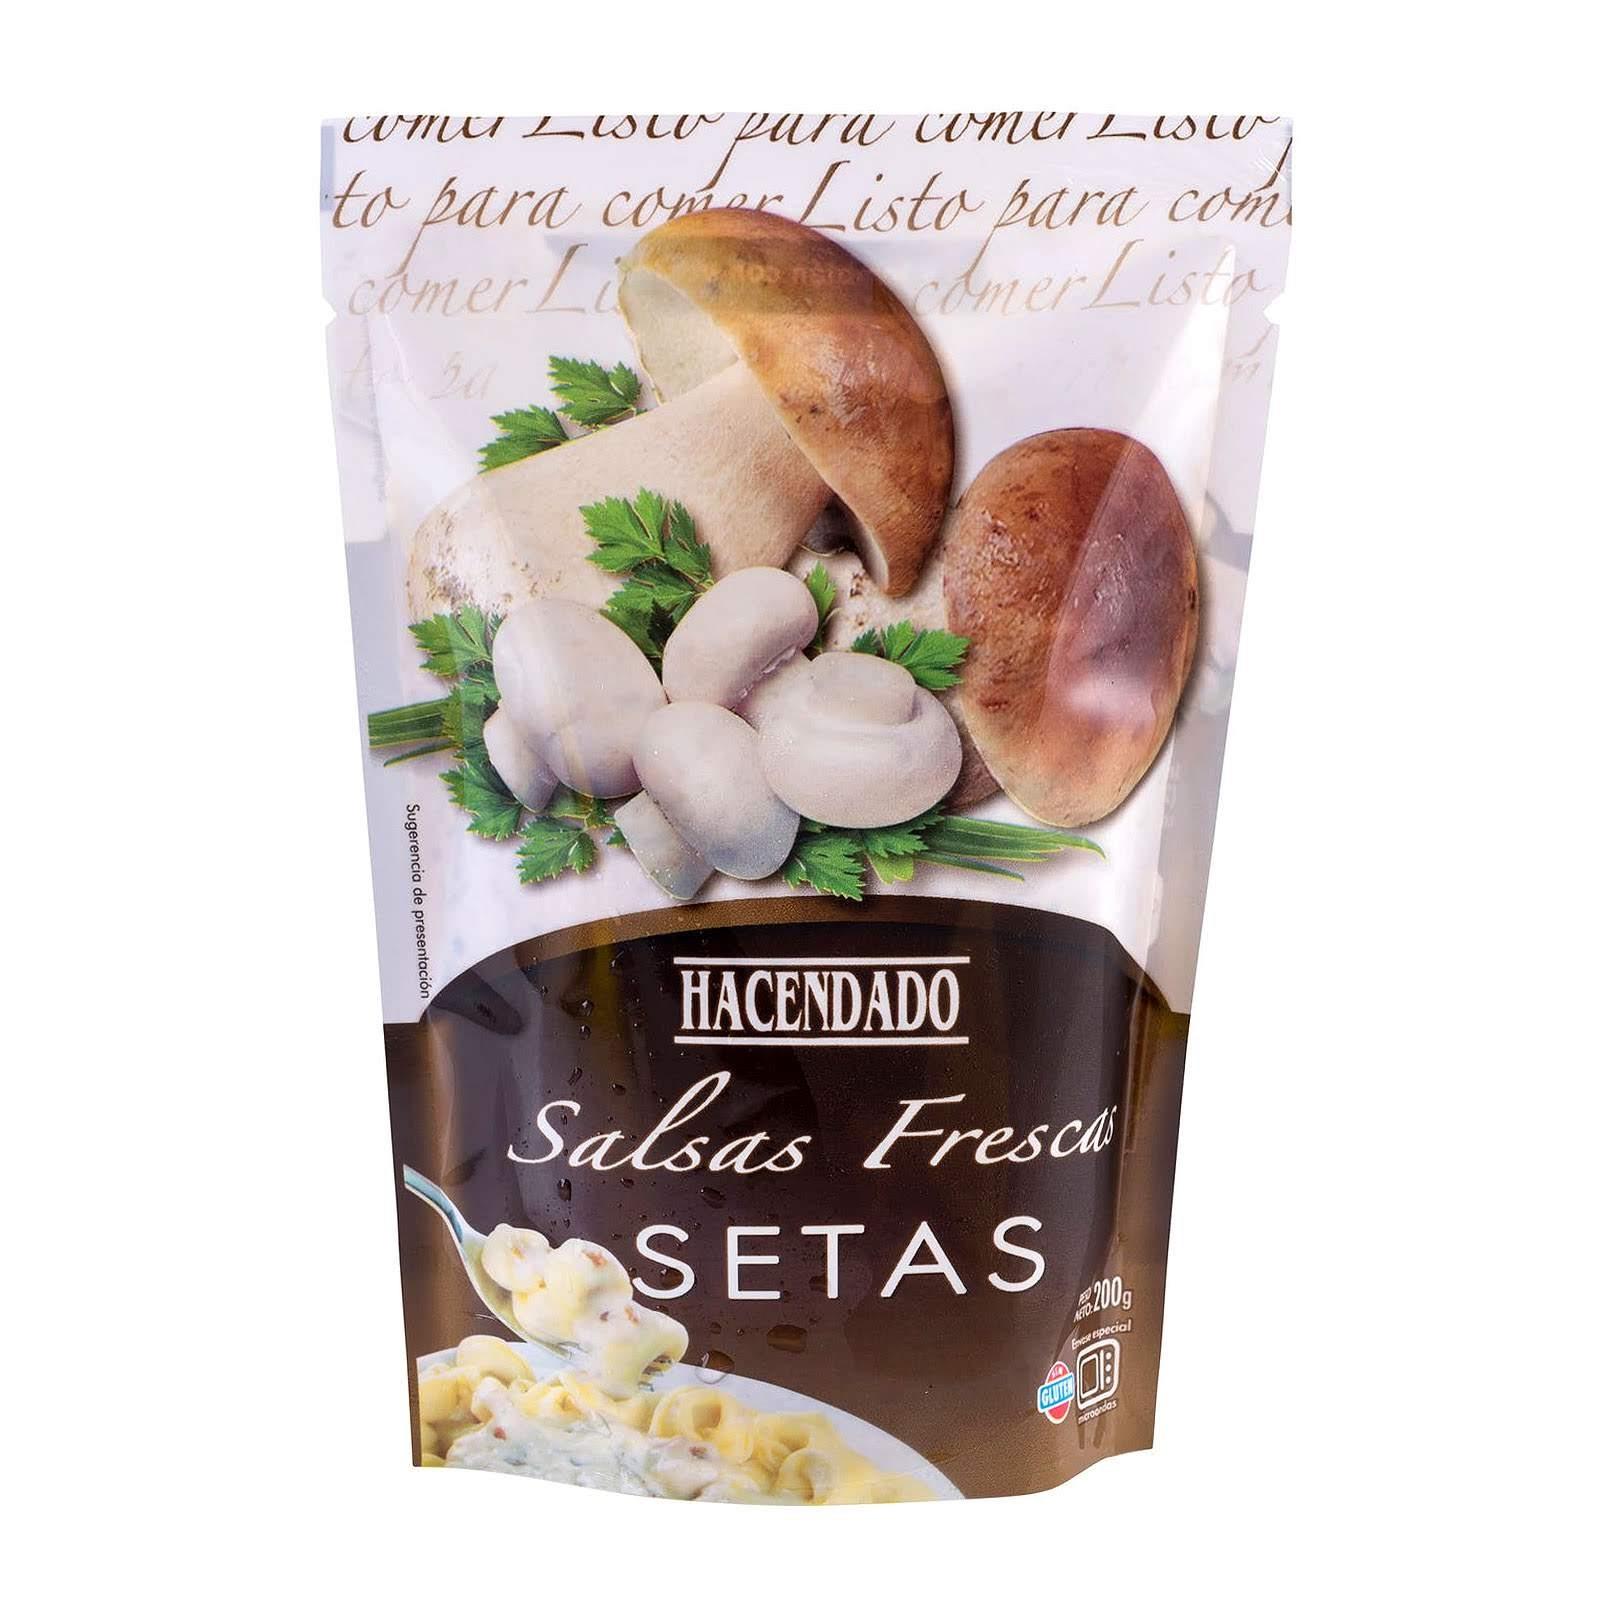 Productos Mercadona Salsa Fresca Setas Hacendado